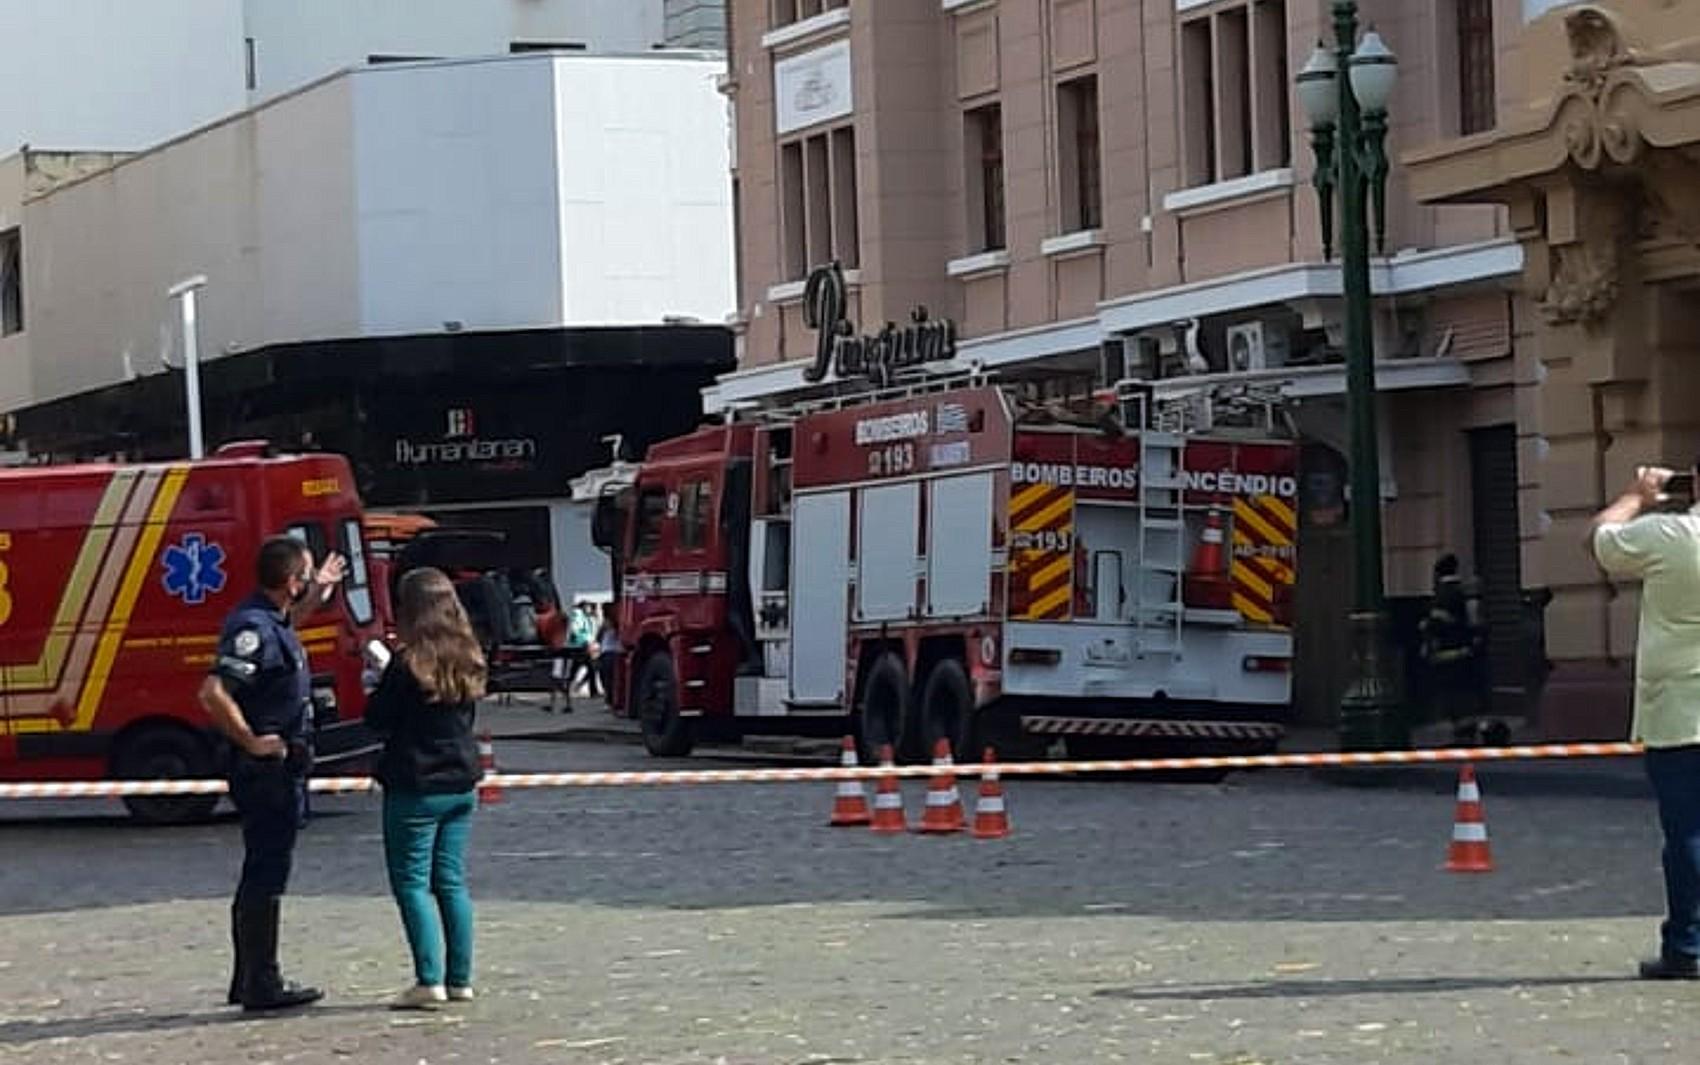 Princípio de incêndio na choperia Pinguim mobiliza bombeiros em Ribeirão Preto, SP